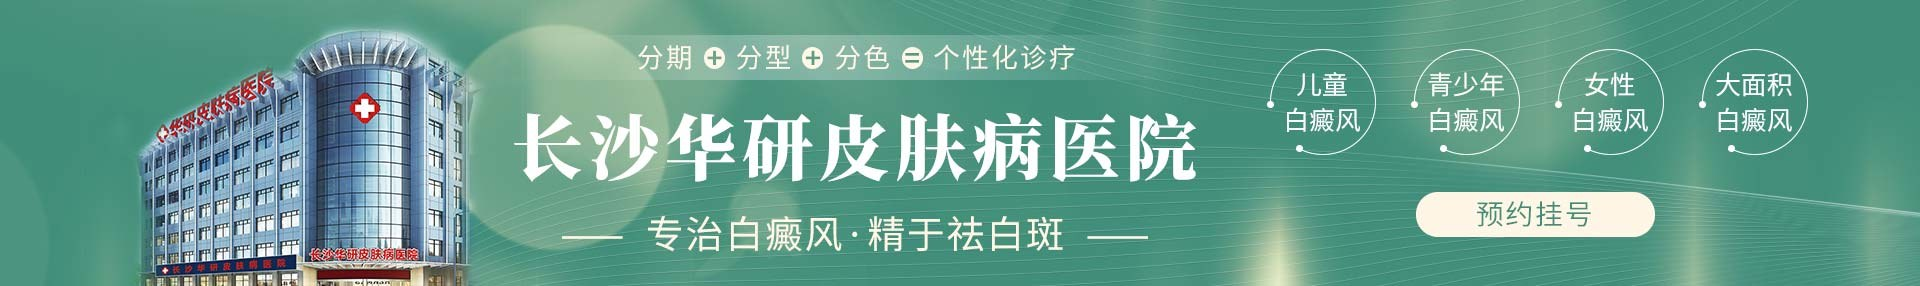 长沙白癜风专色天使在线视频在线视频偷国产精品